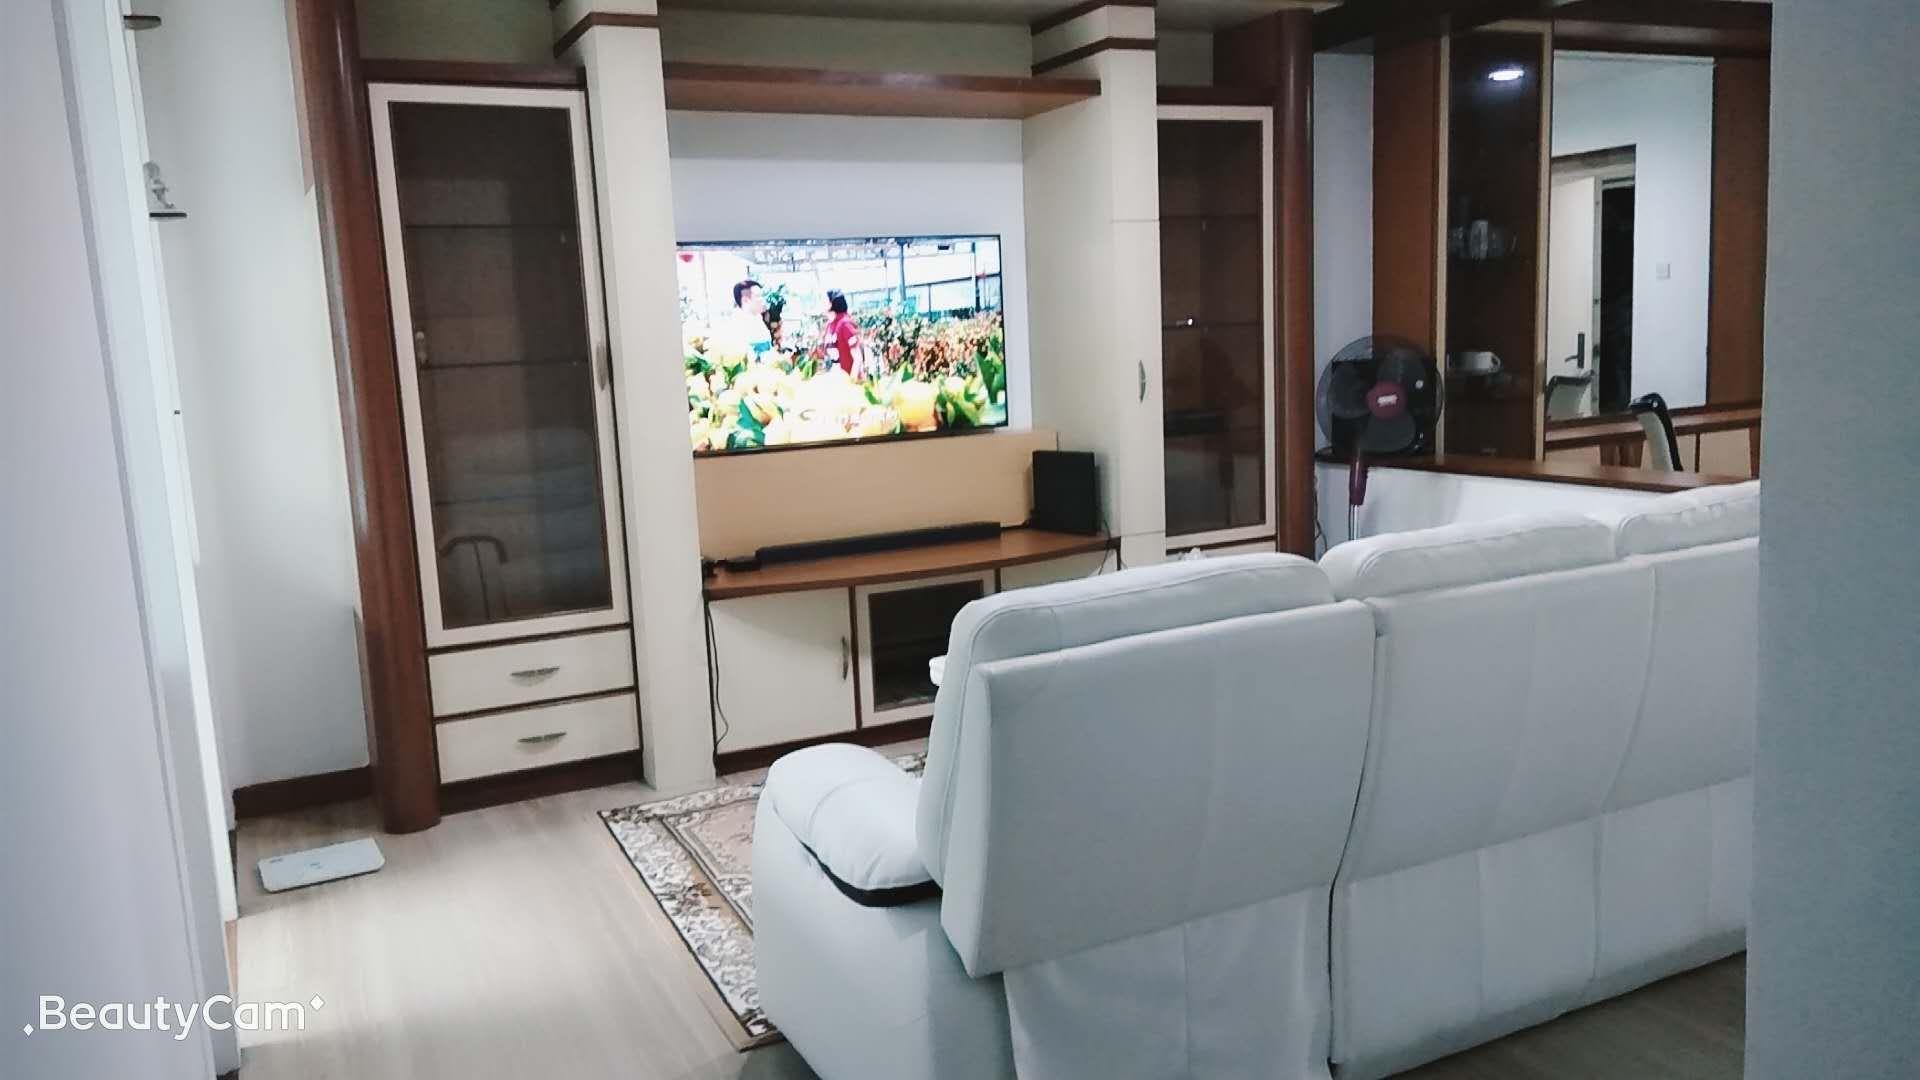 新加坡三巴旺房间出租,精美的客厅照片